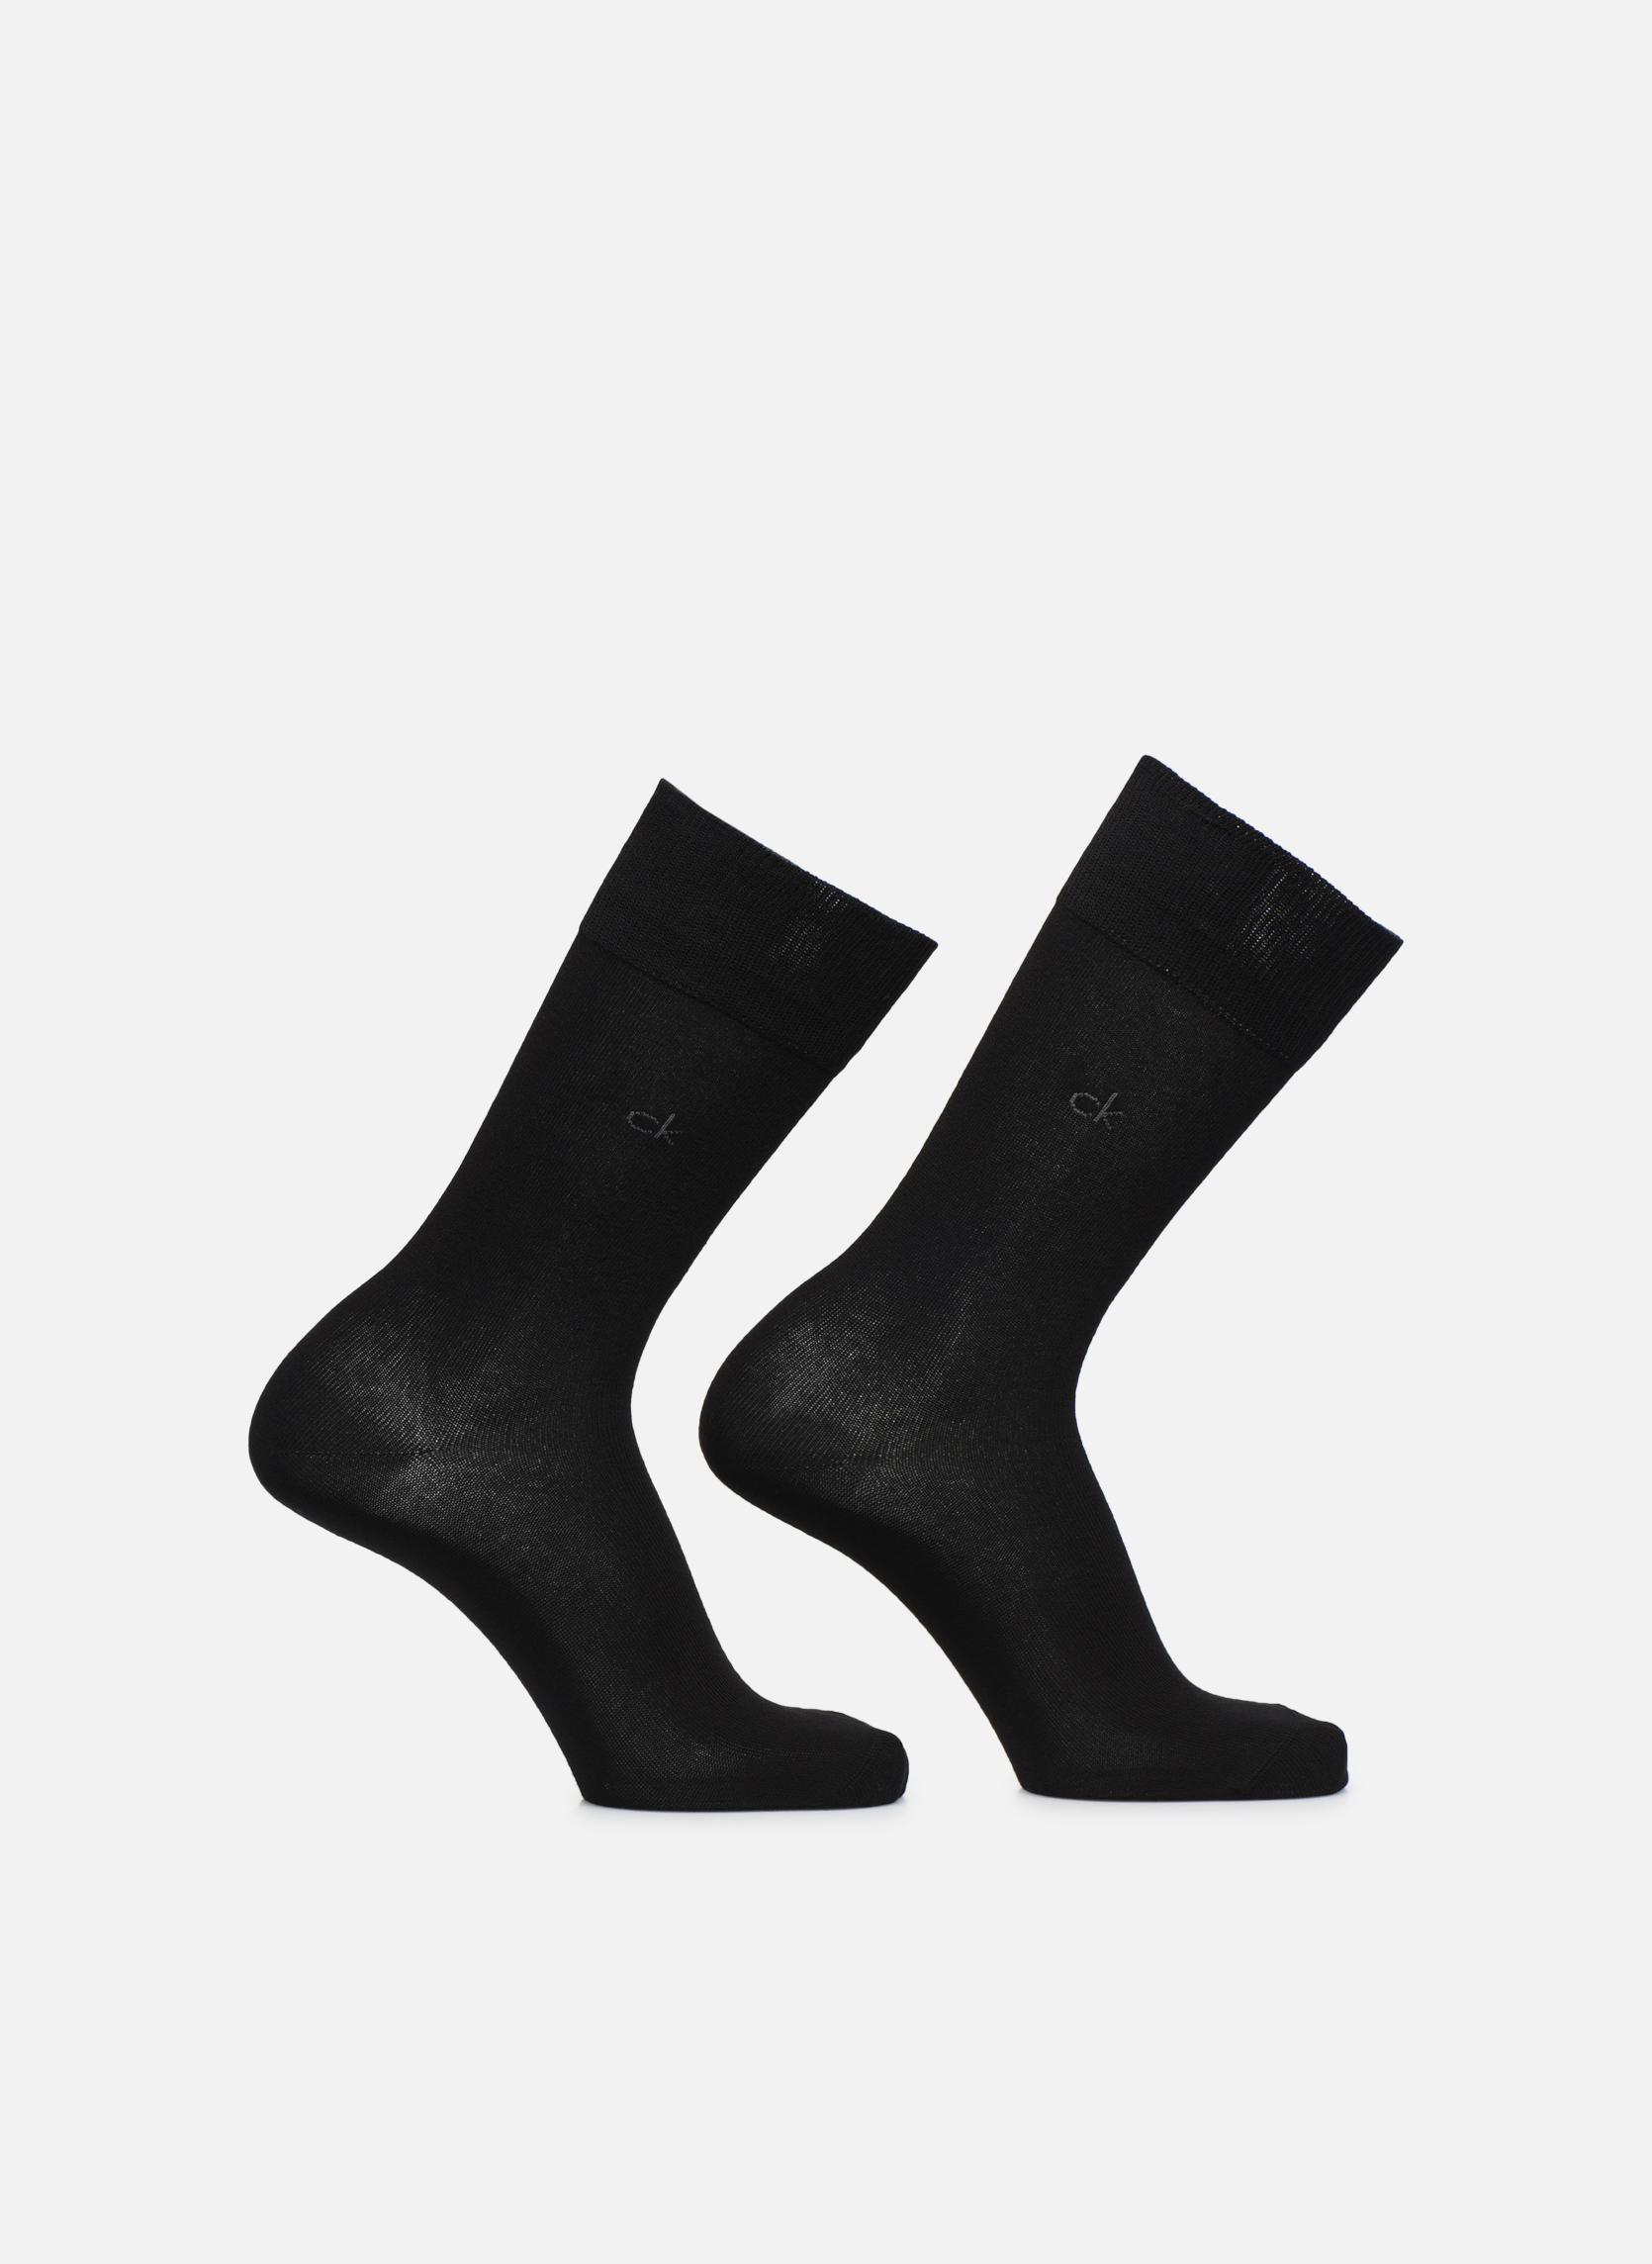 Socks & tights Calvin Klein Lot de 2 paires de Chaussettes Coton Unies Black detailed view/ Pair view